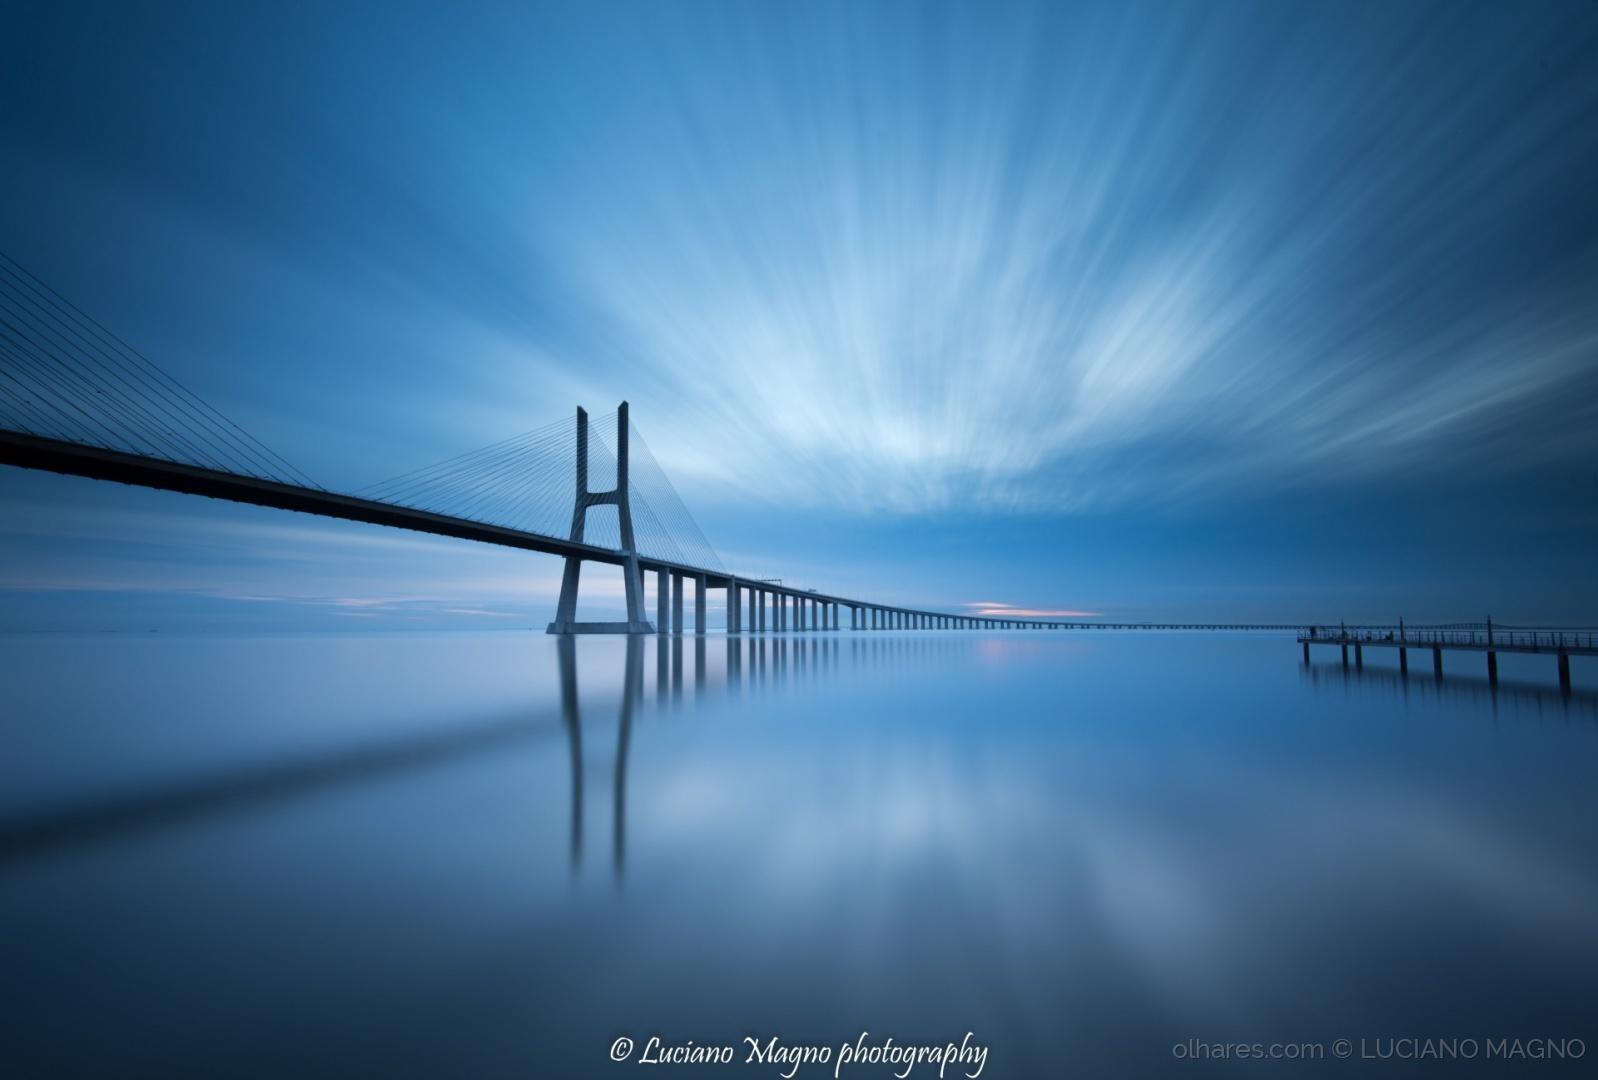 © Luciano Magno - bridge in blue